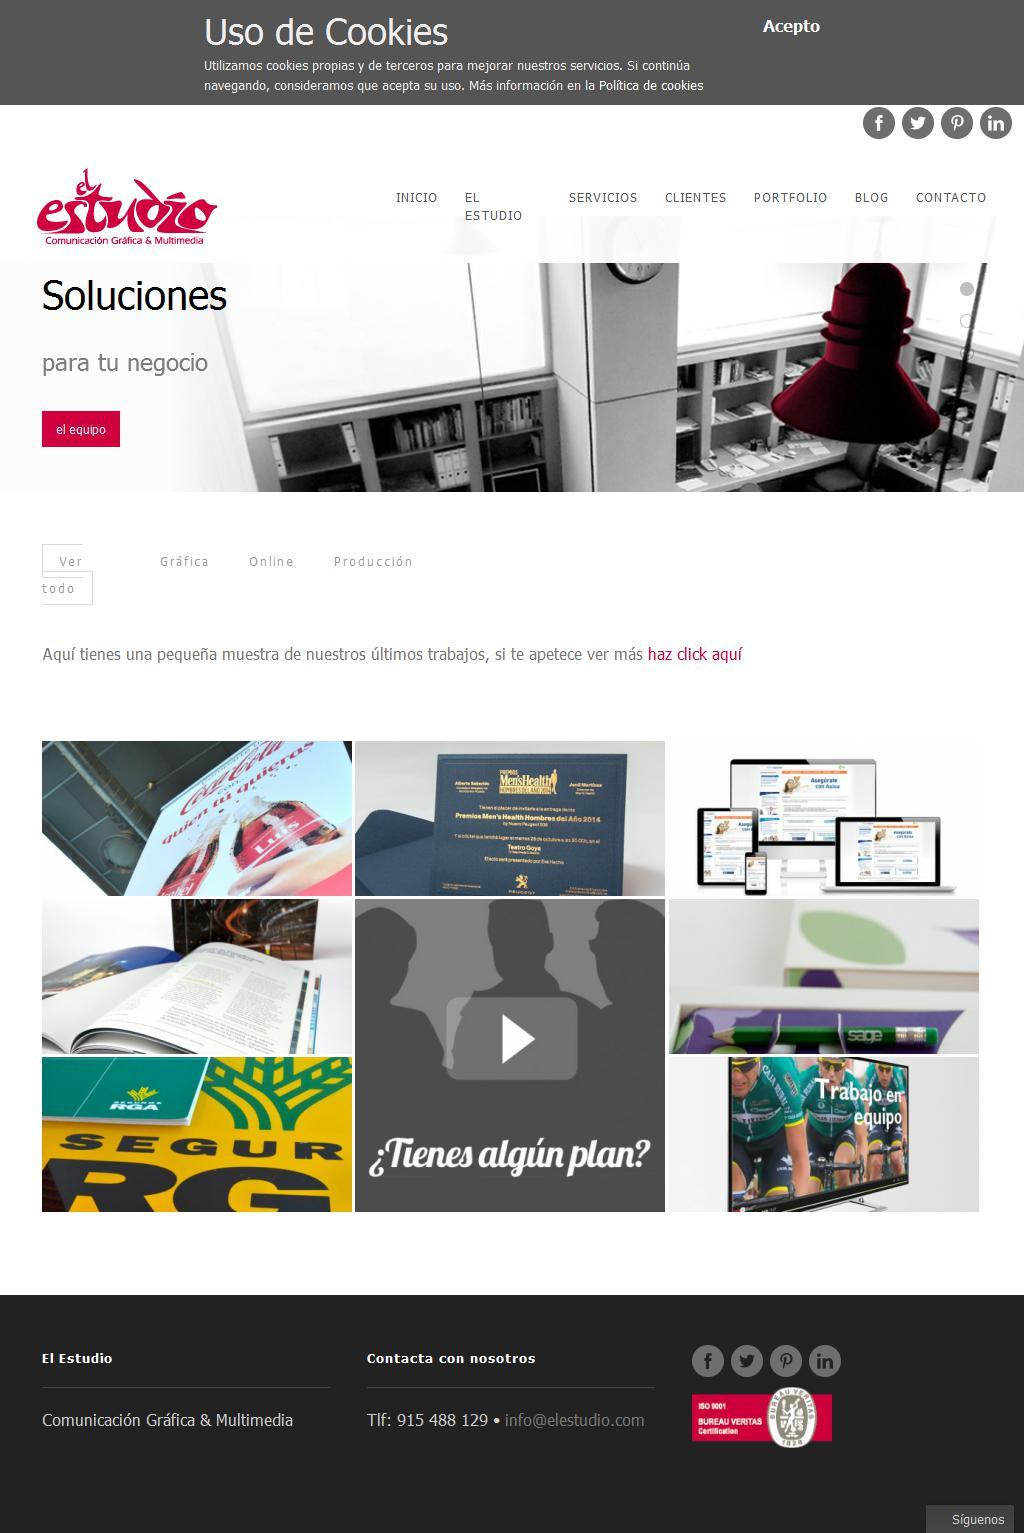 El Estudio Comunicacion Grafica y Multimedia